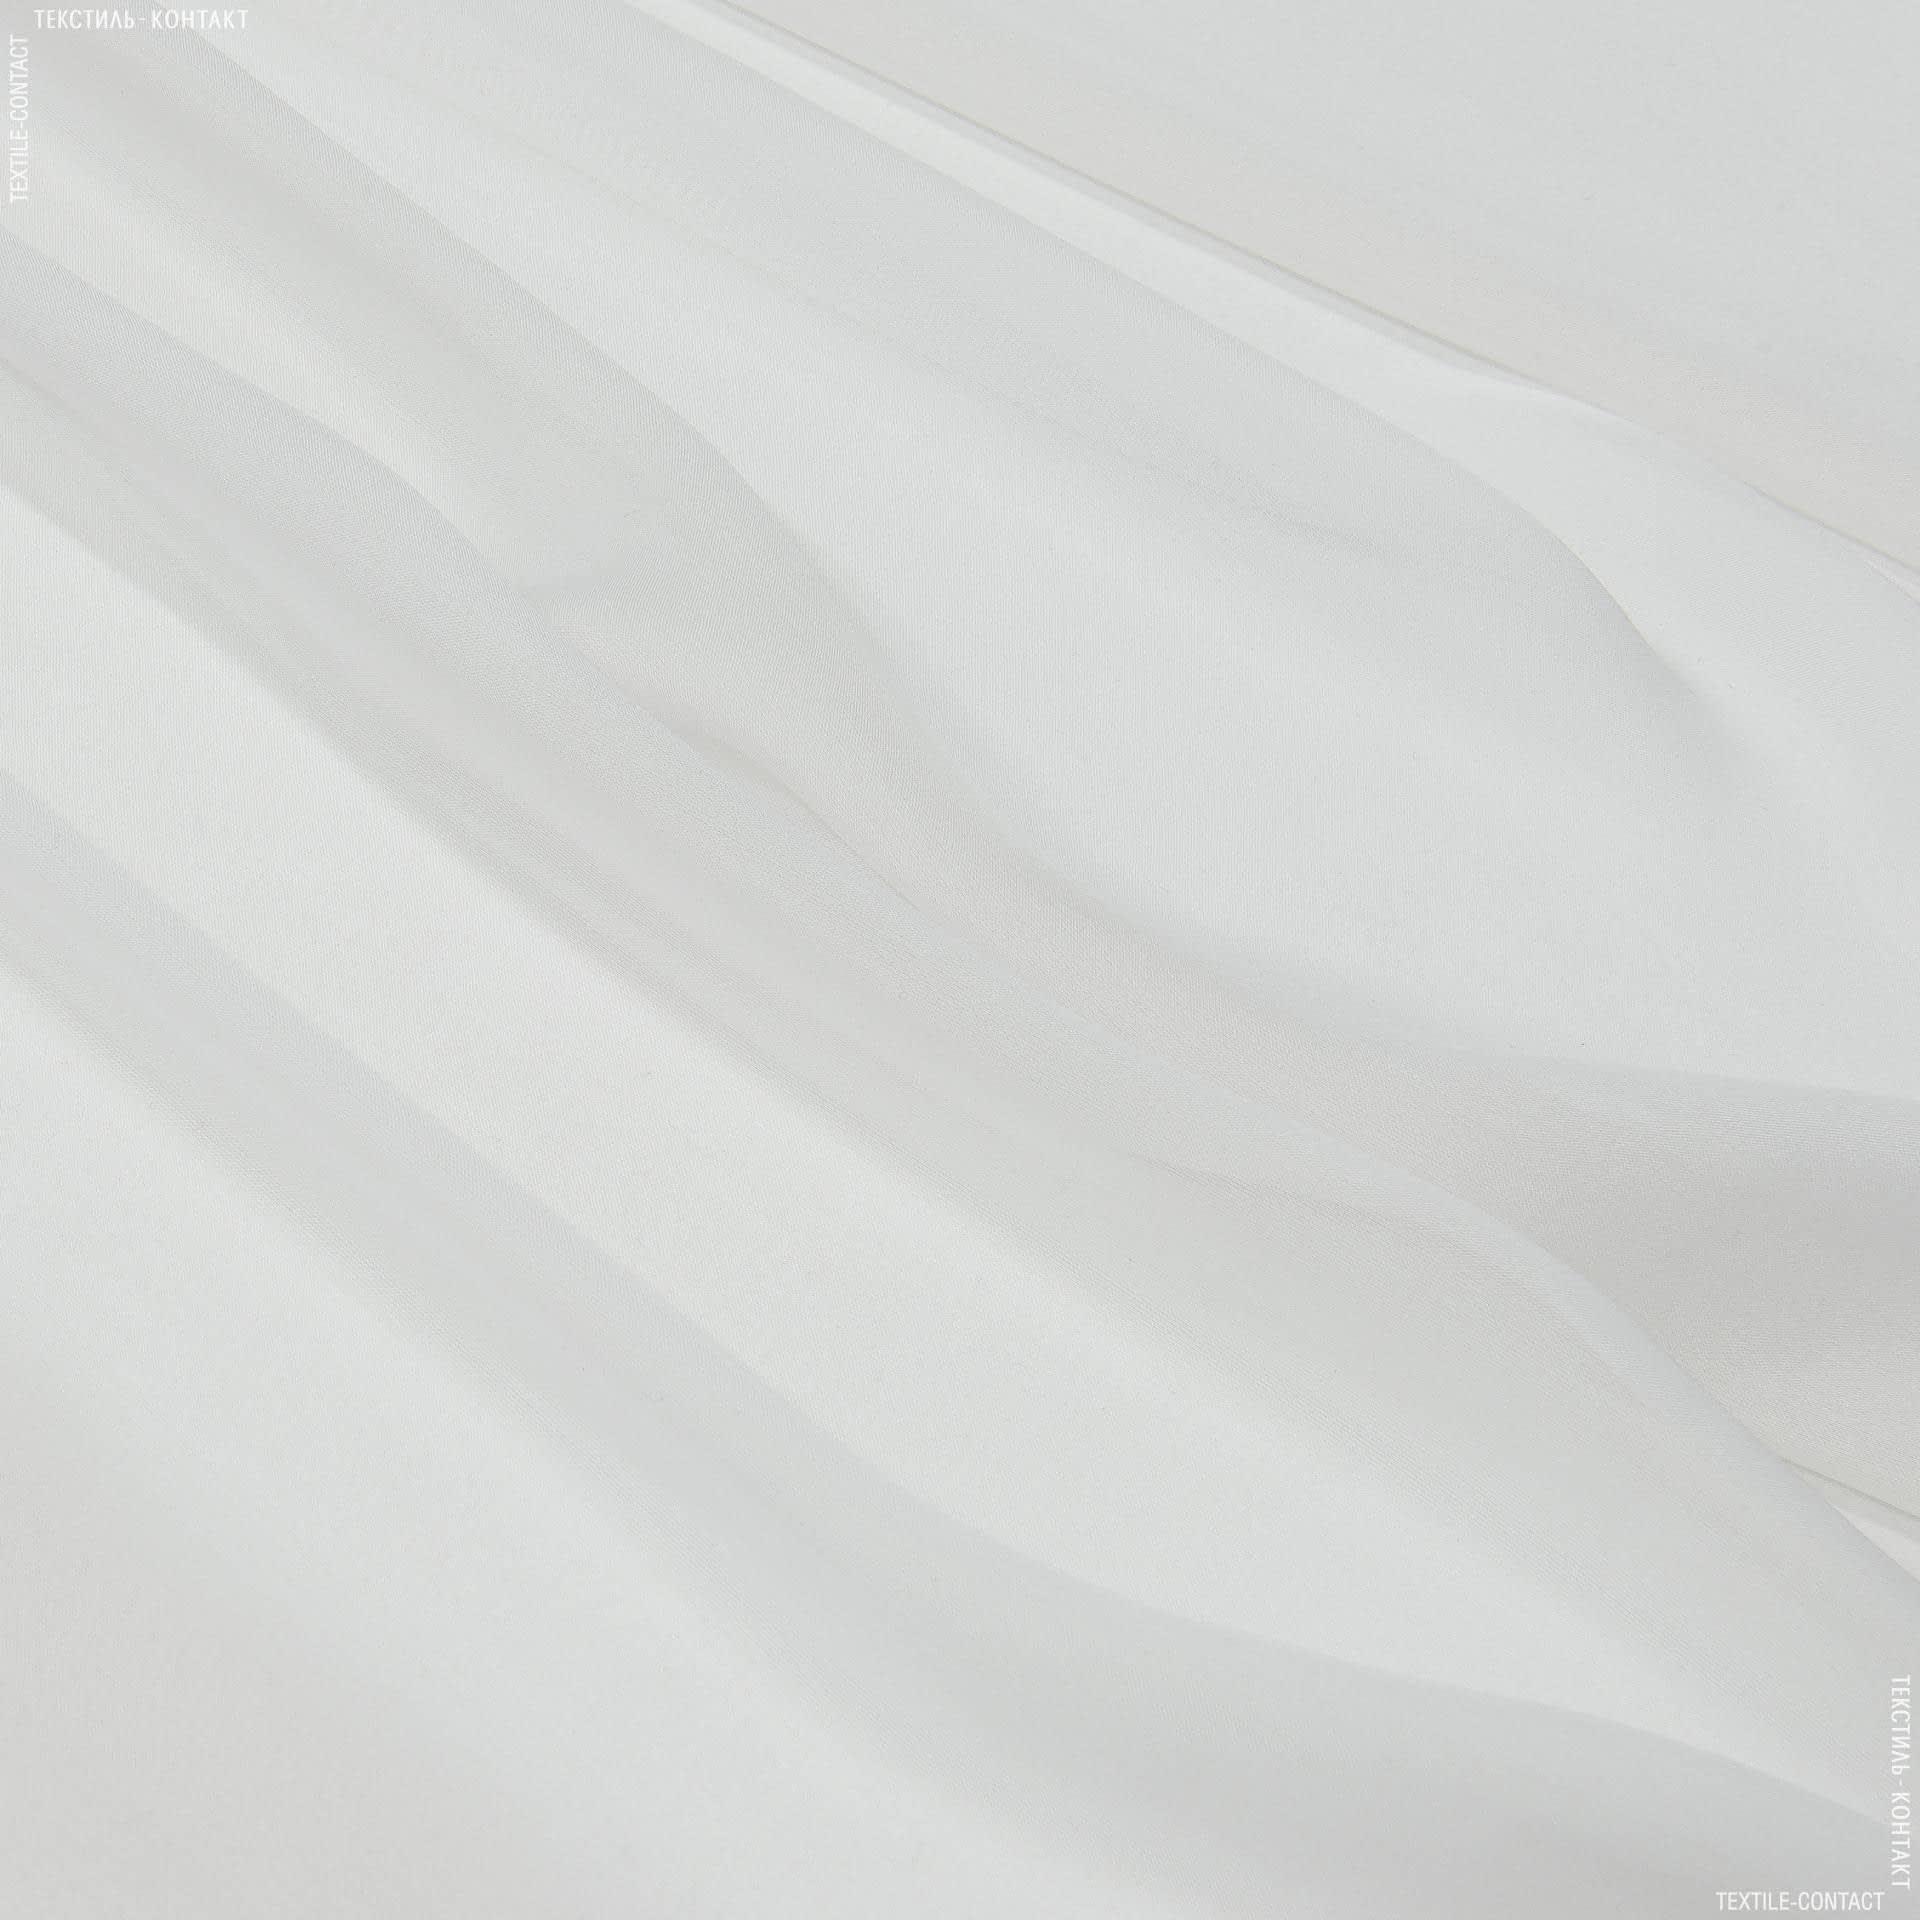 Ткани для платков и бандан - Шифон-шелк натуральный белый